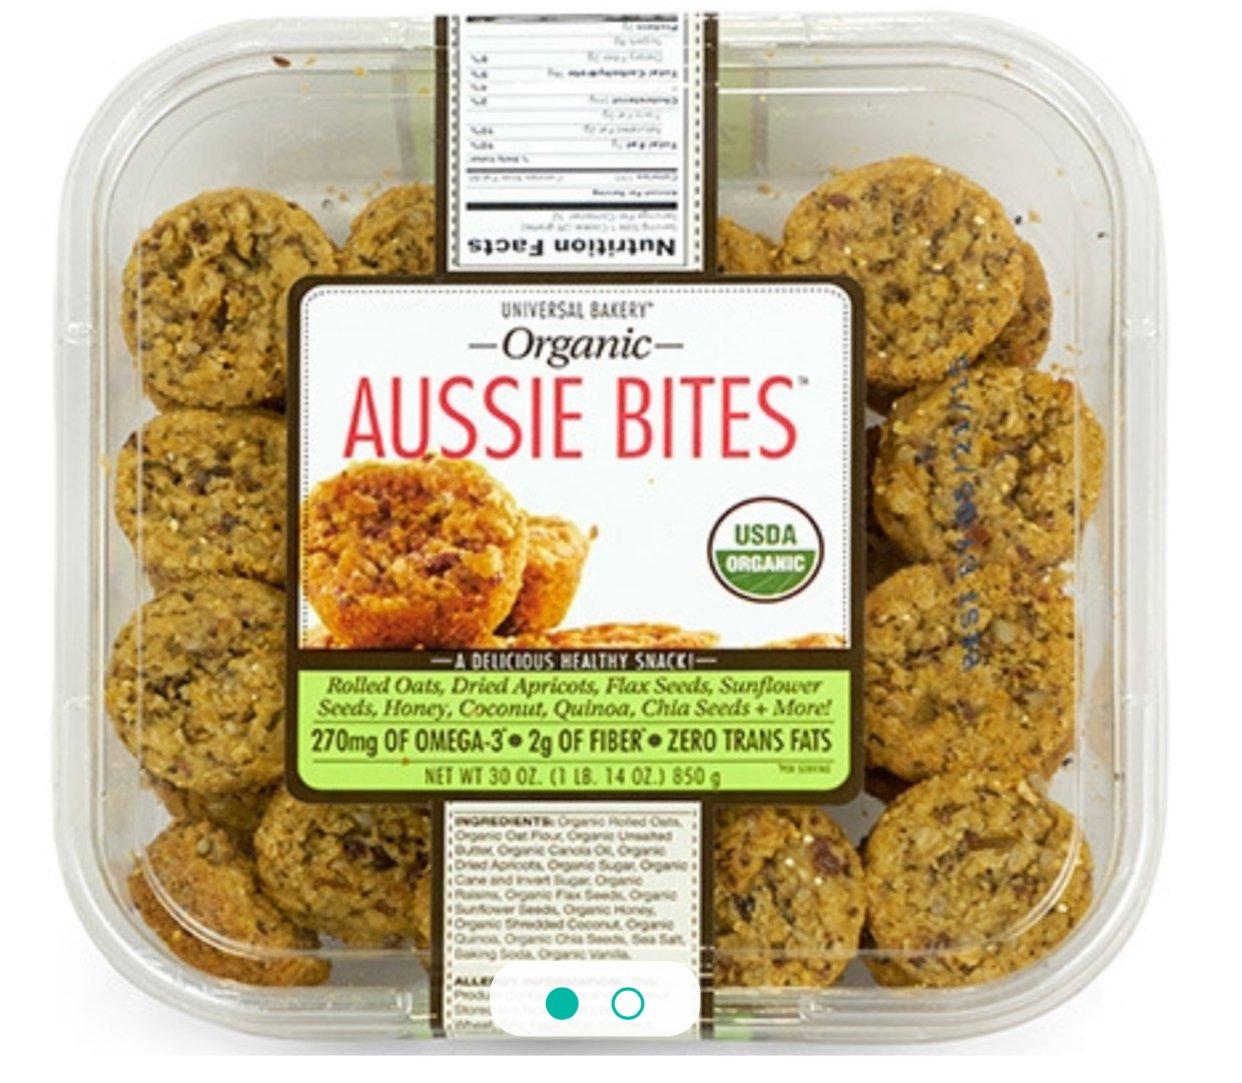 Aussie Bites